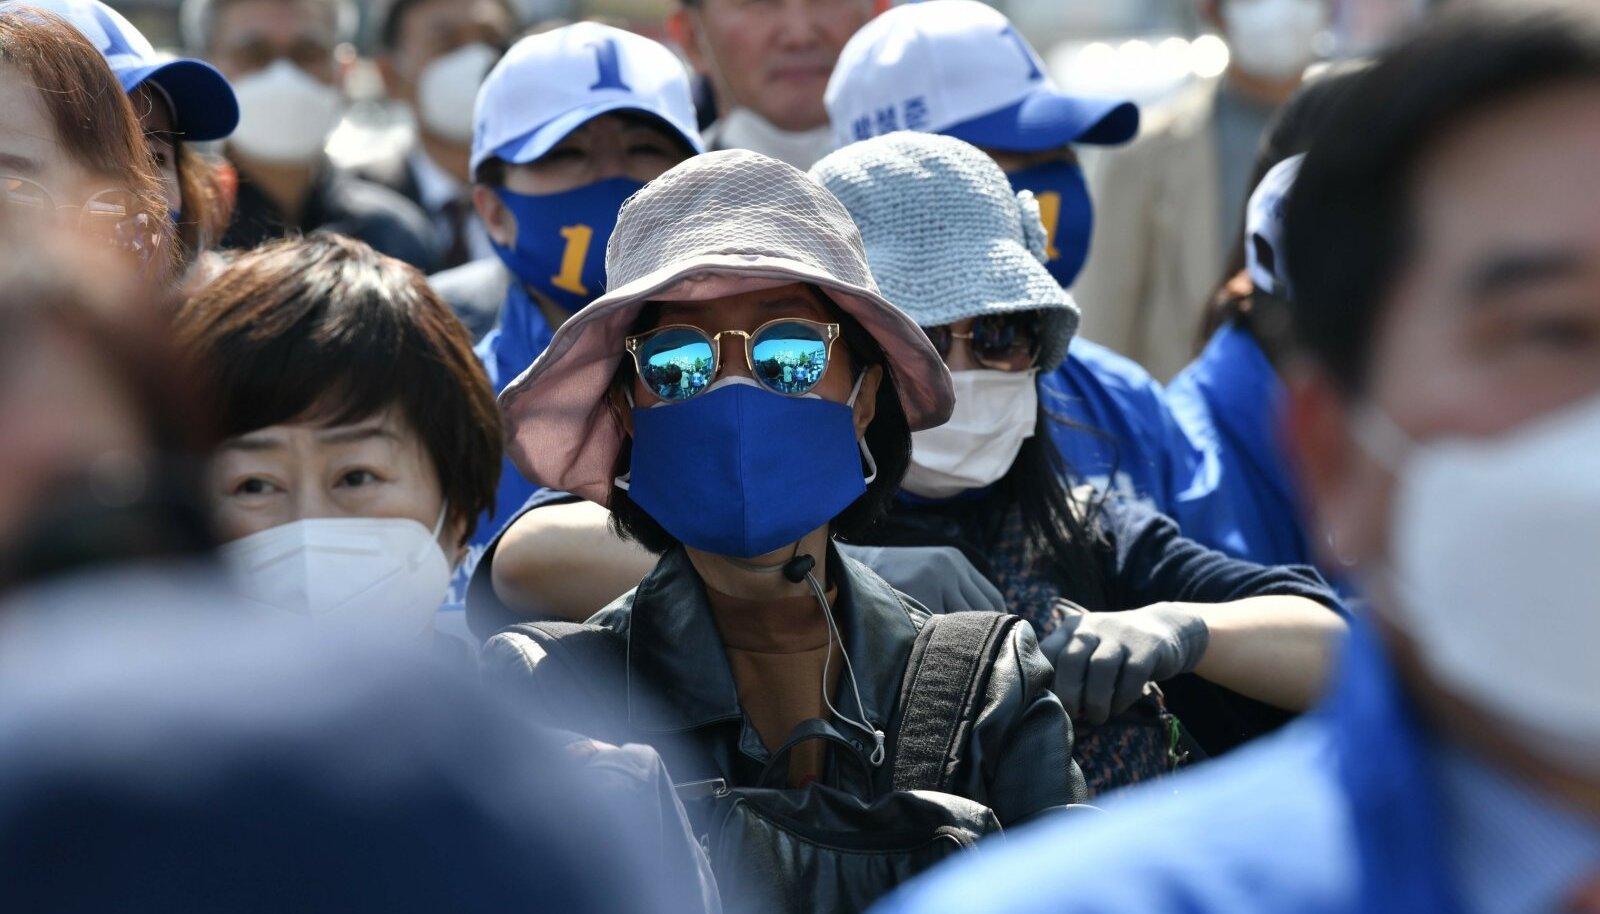 Paljudes maailma piirkondades on inimesed saastatud õhu tõttu pidanud maske kandma ka enne pandeemiat.